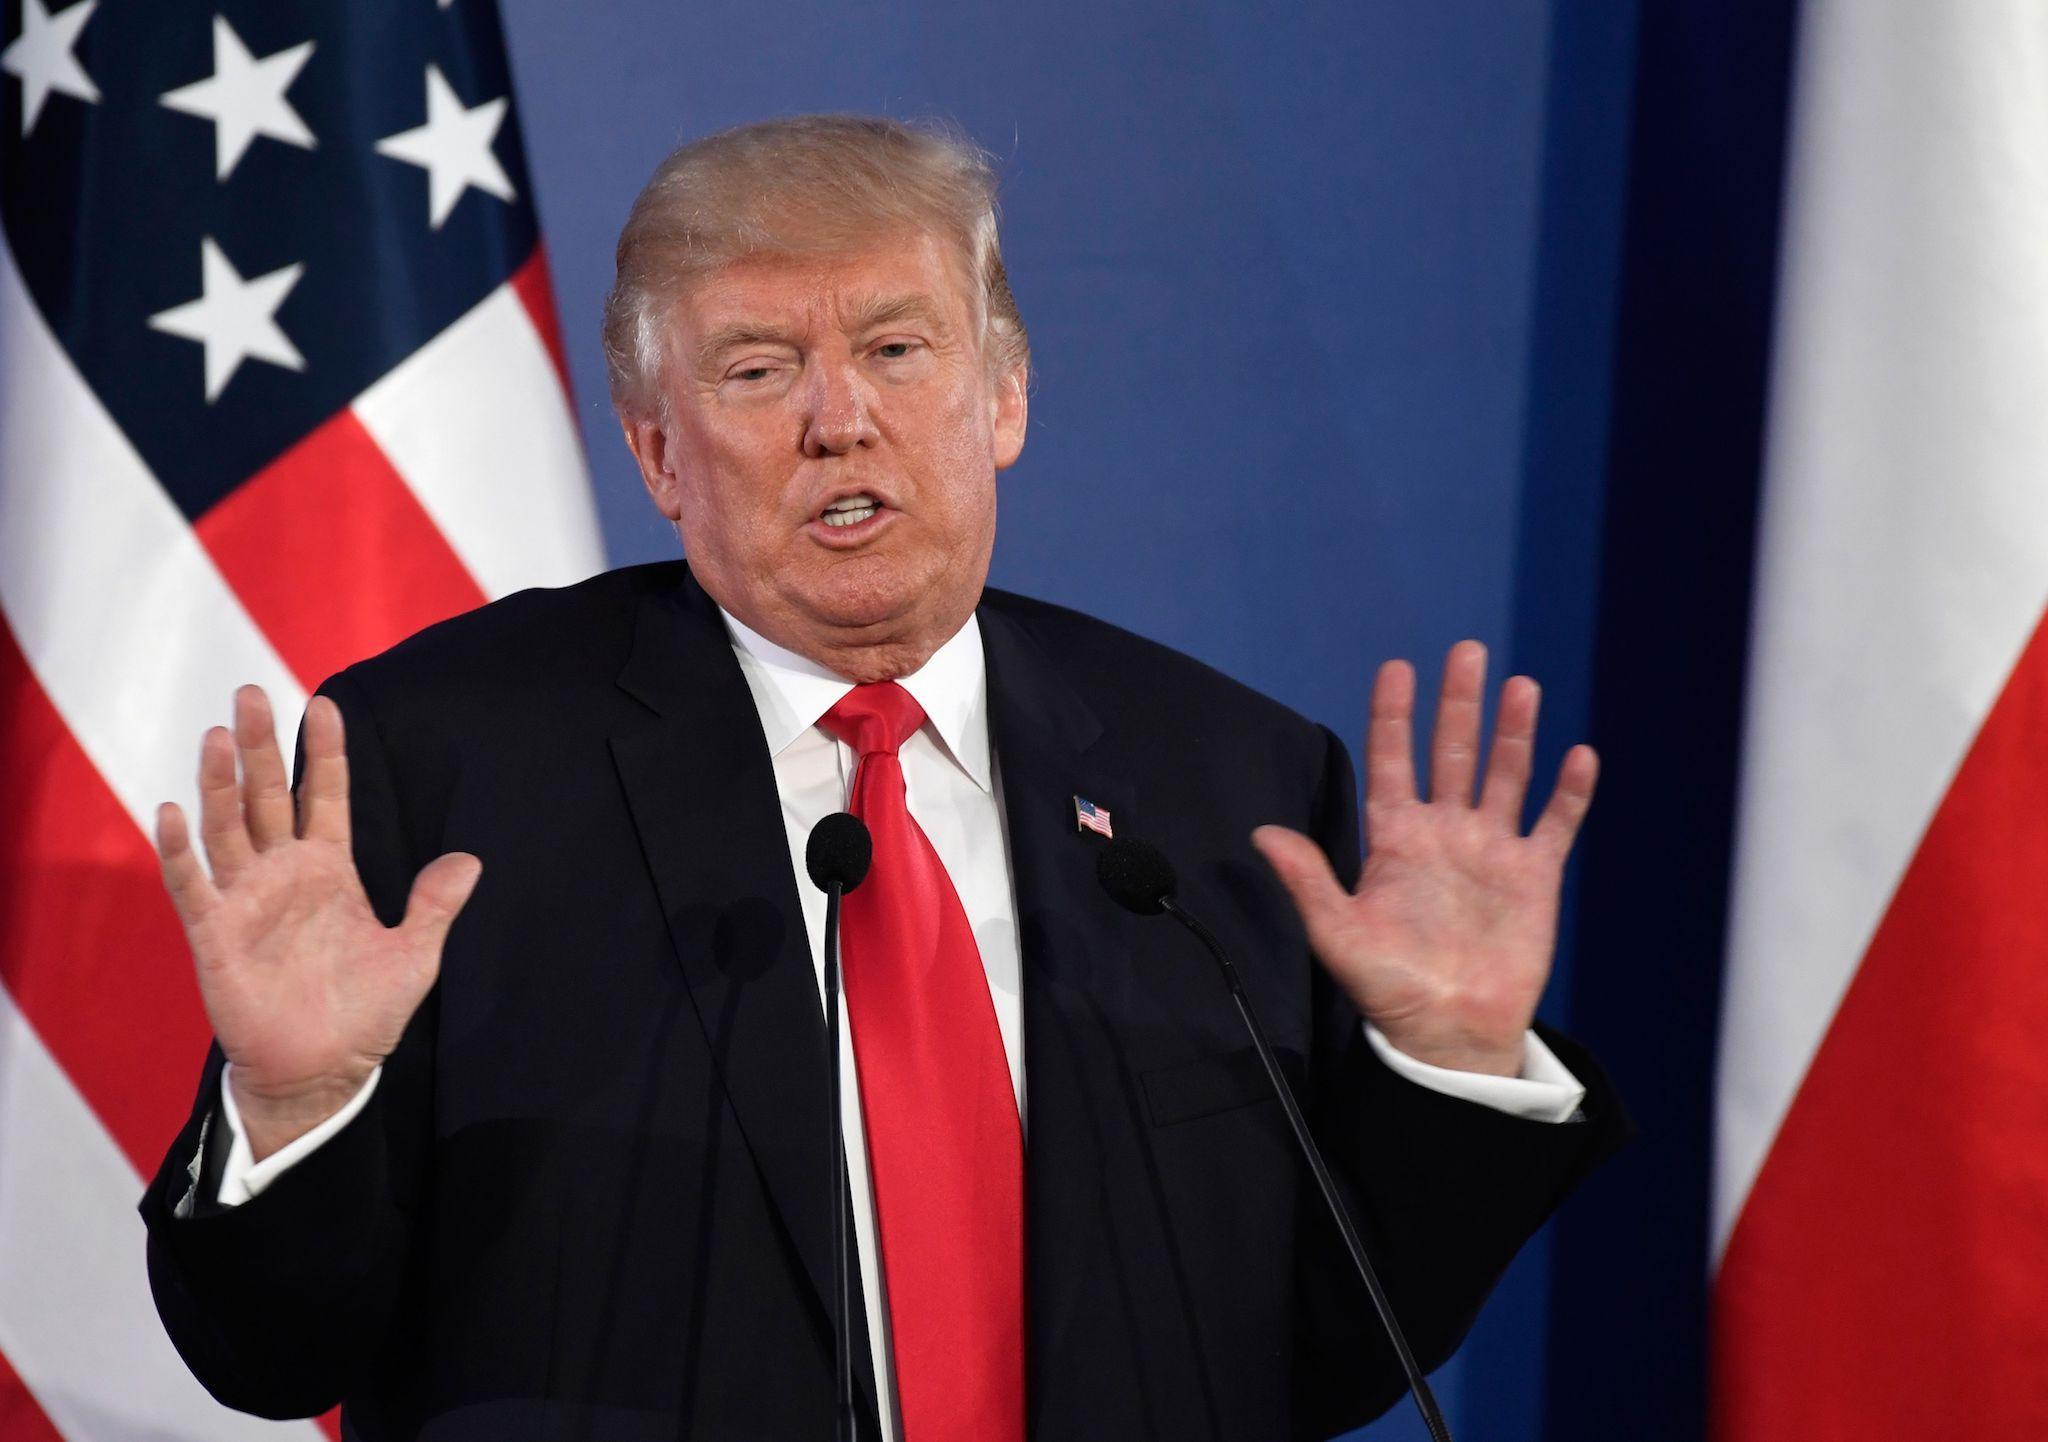 Trump: Nuklearni sporazum je strašan i jednostran, povlačimo se i vraćamo sankcije Iranu!